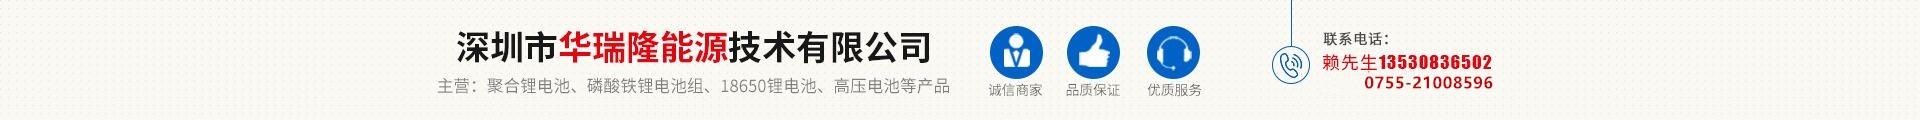 深圳市華瑞隆能源技術有限公司